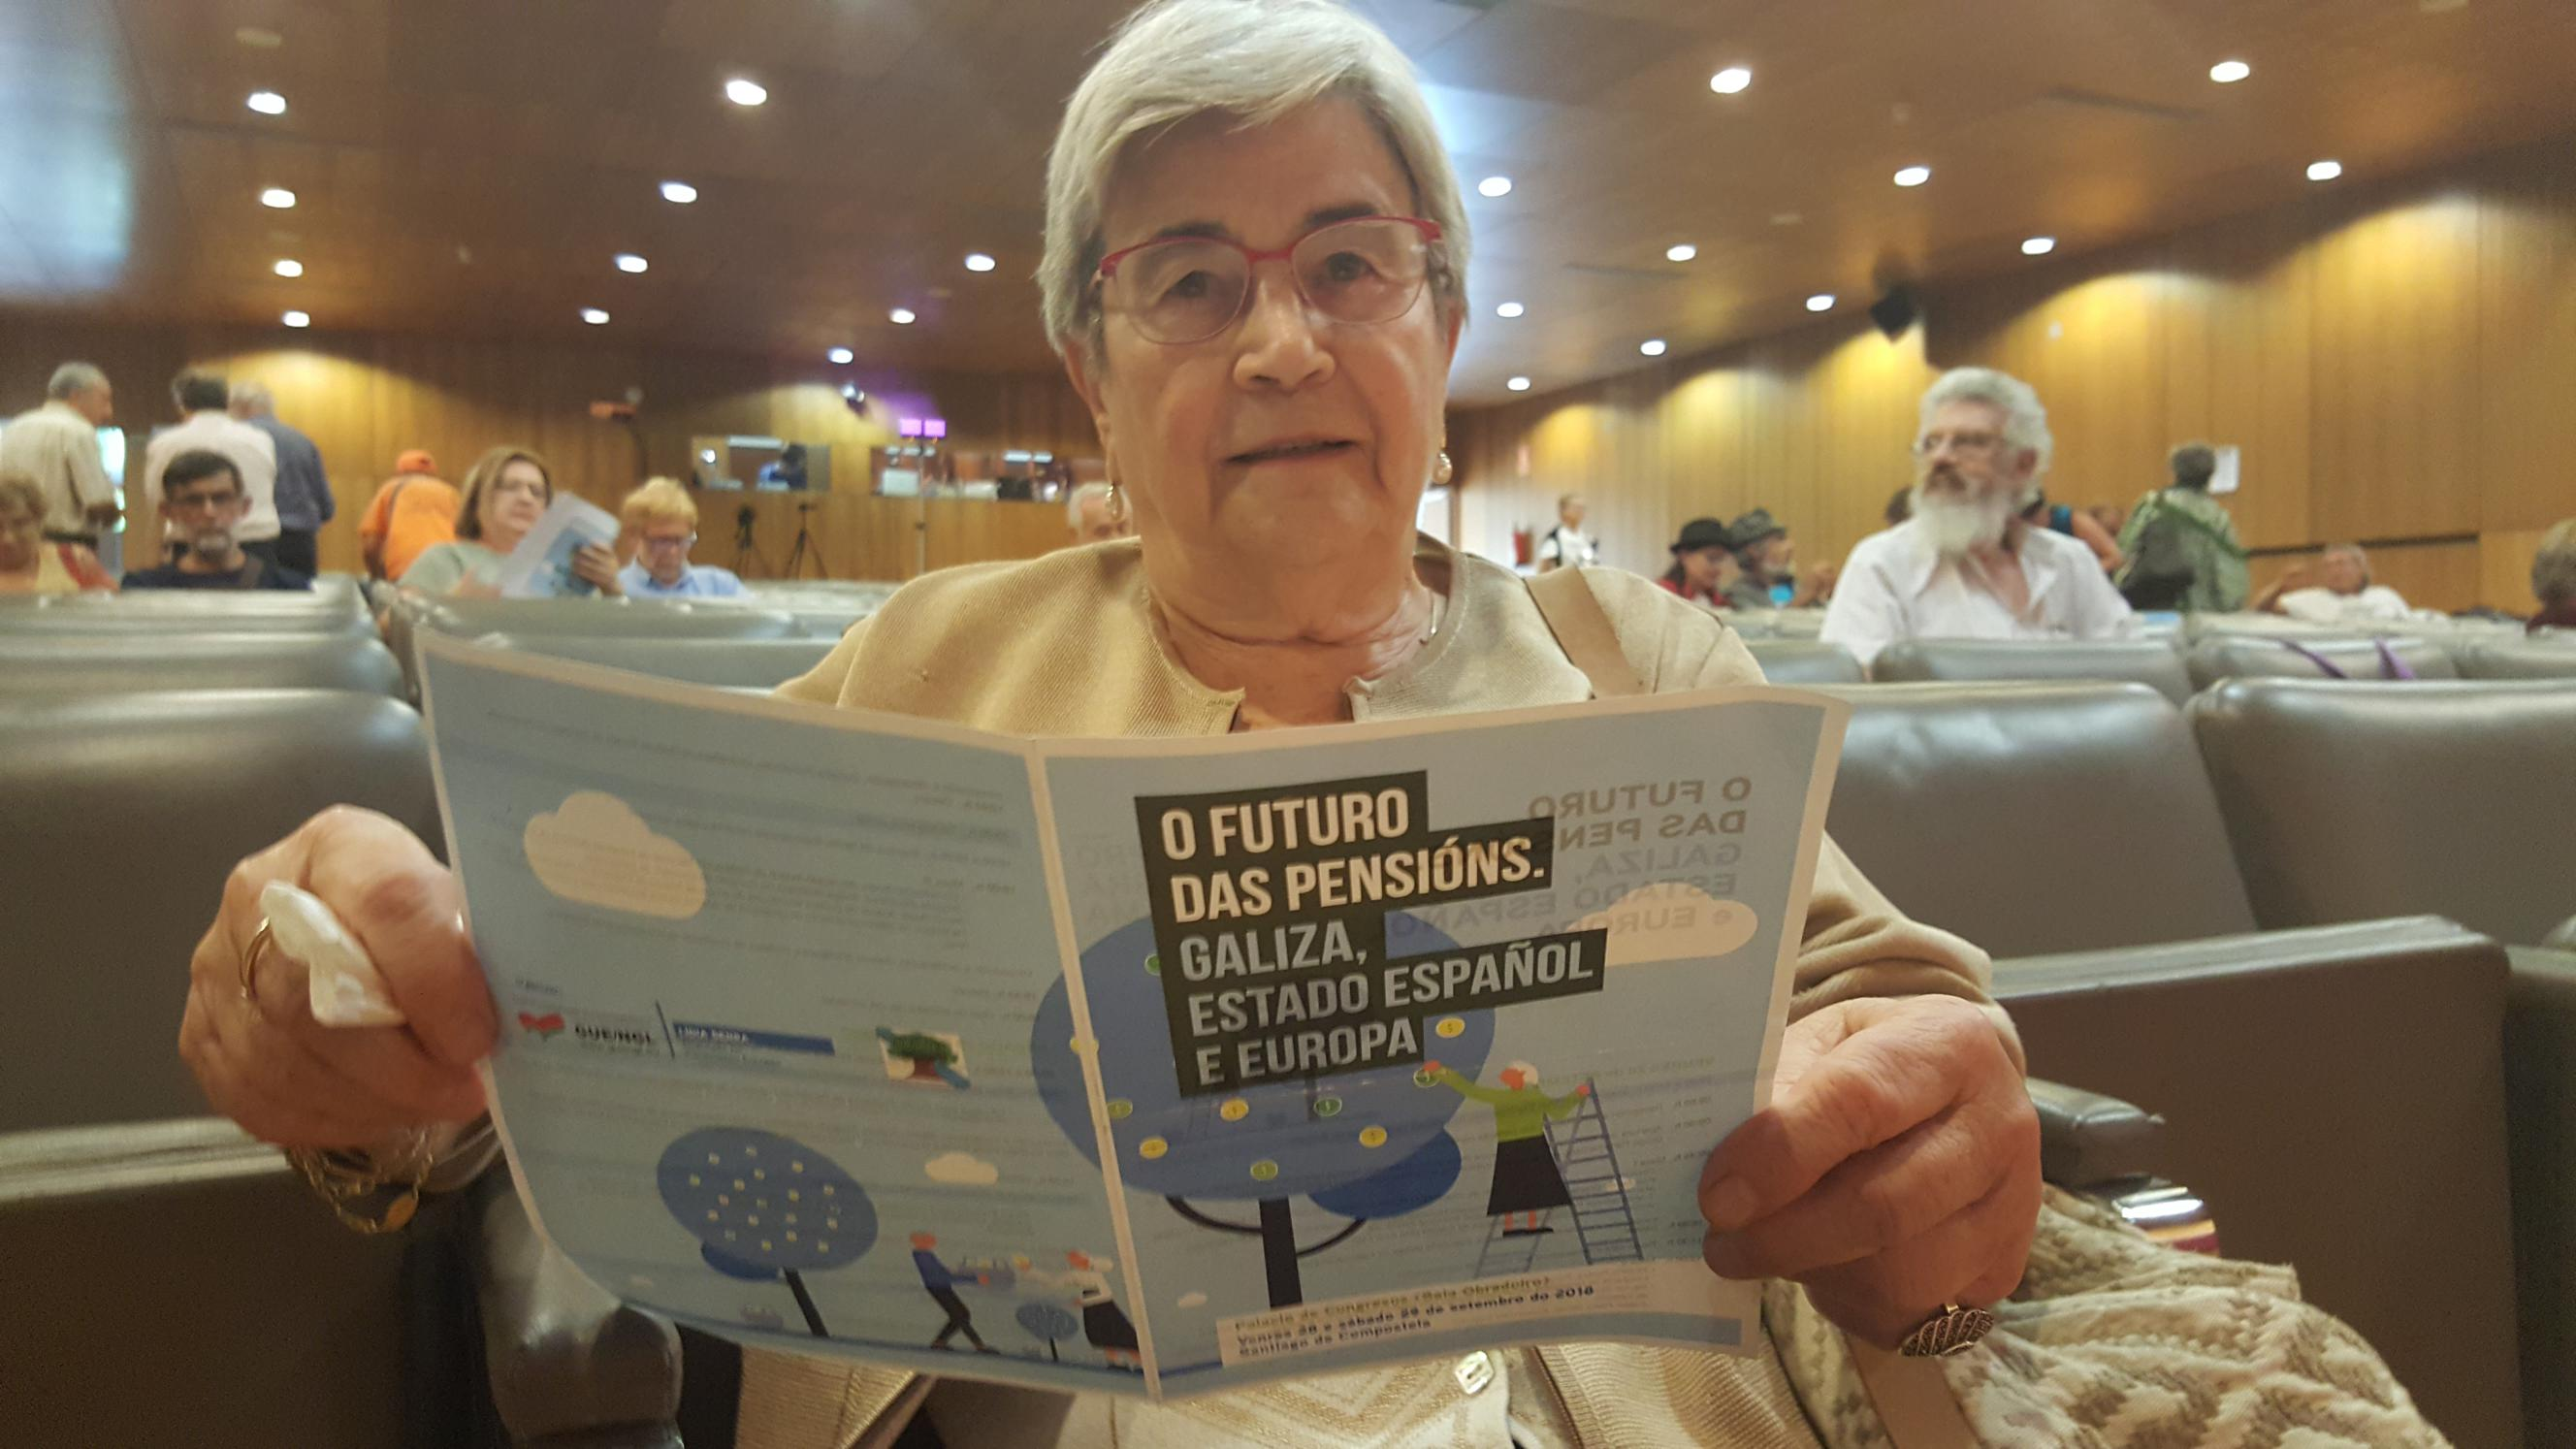 Miren Etxezarreta nas xornadas pensions_2656x1494